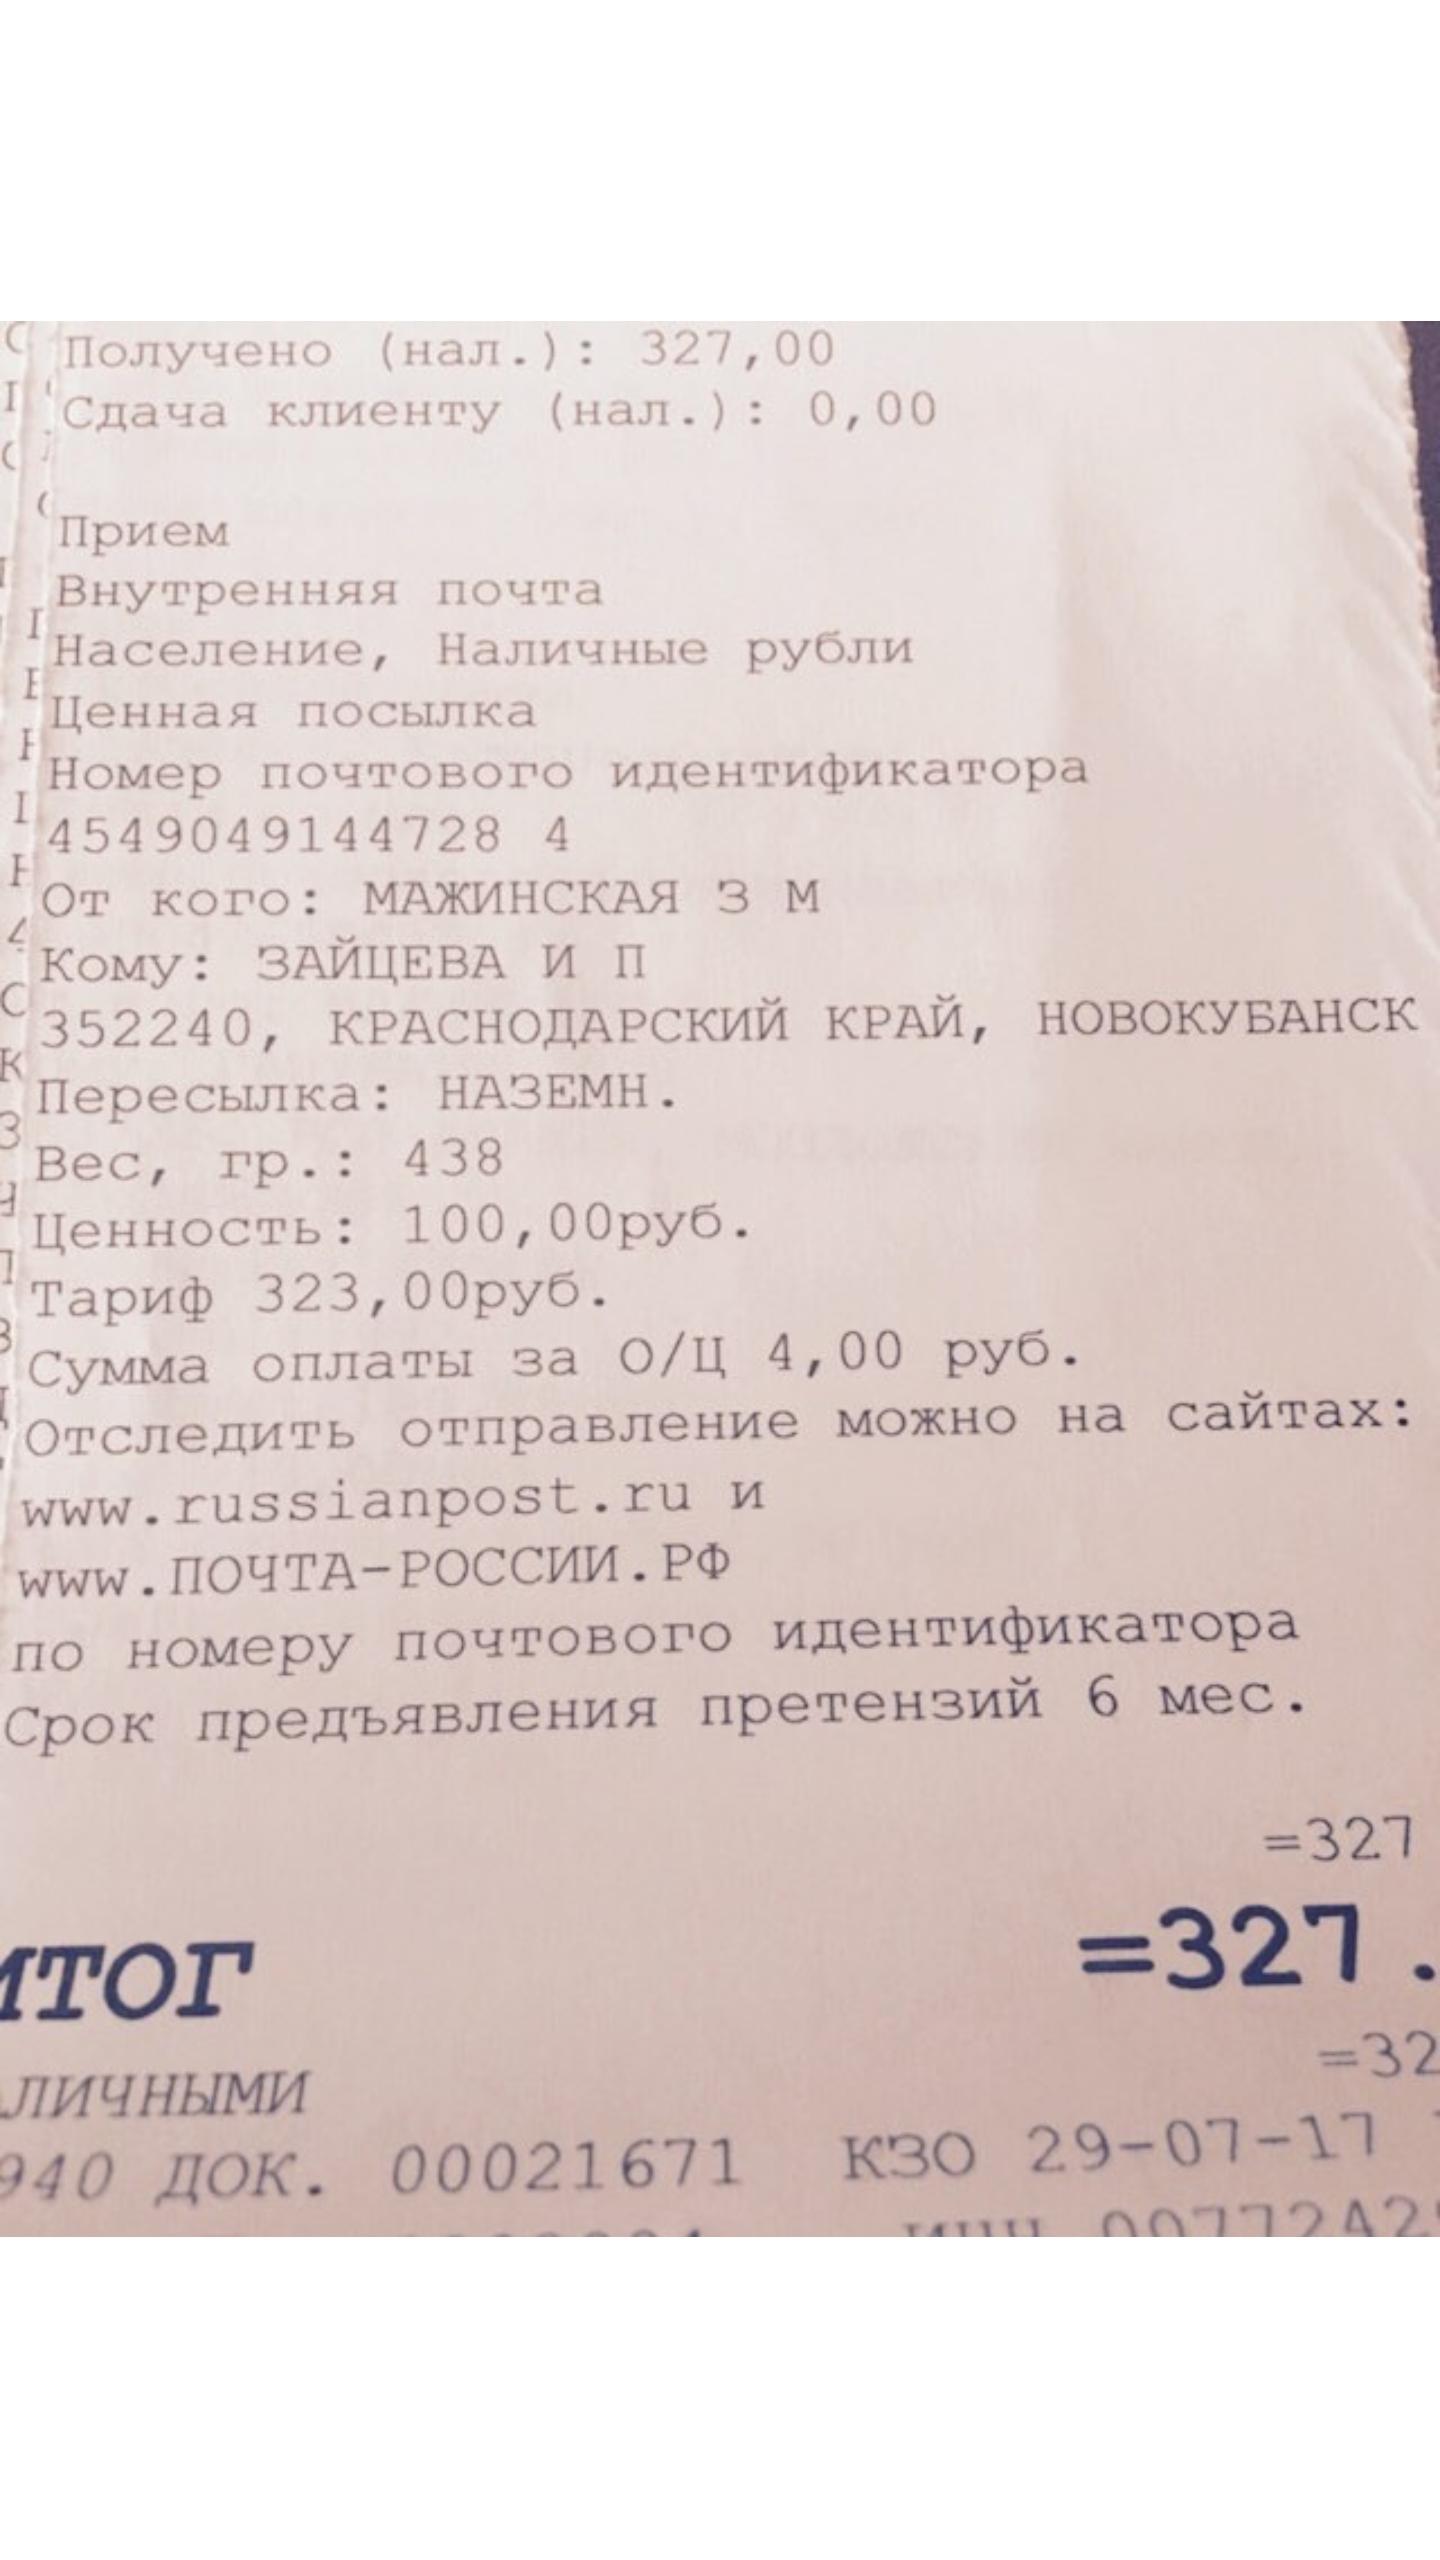 почта россии отслеживание почтовых отправлений по номеру квитанции дачи показаний рамках